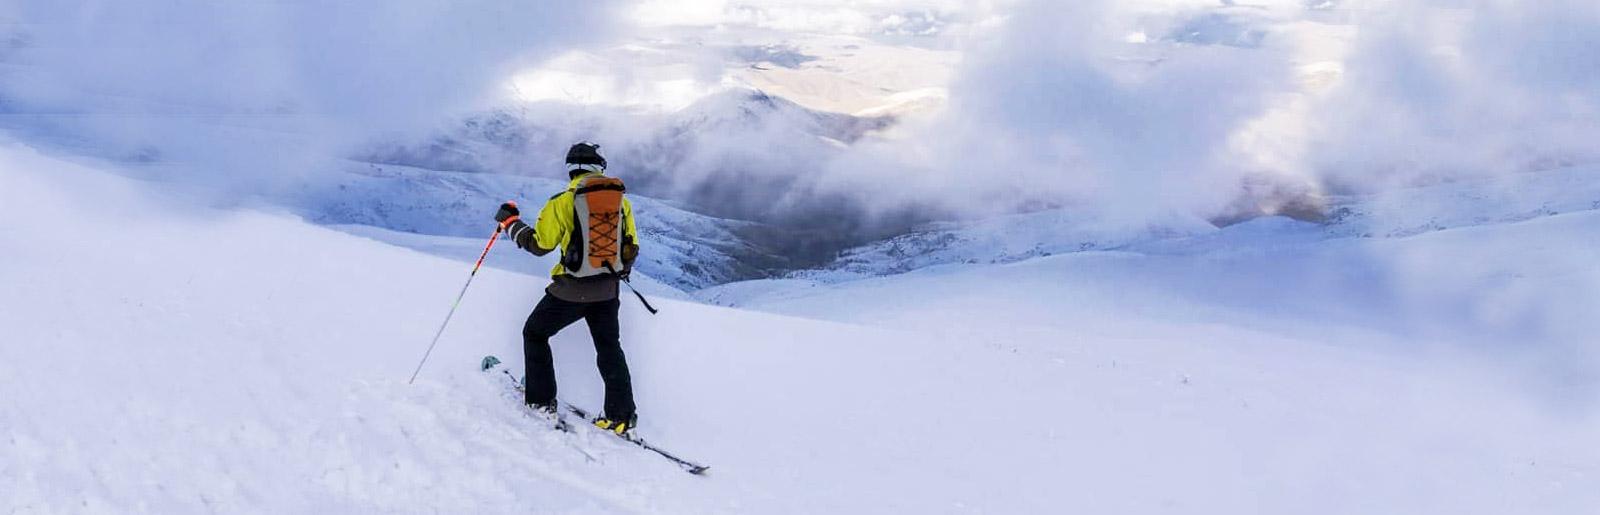 Ski Tour in Dizin Resort